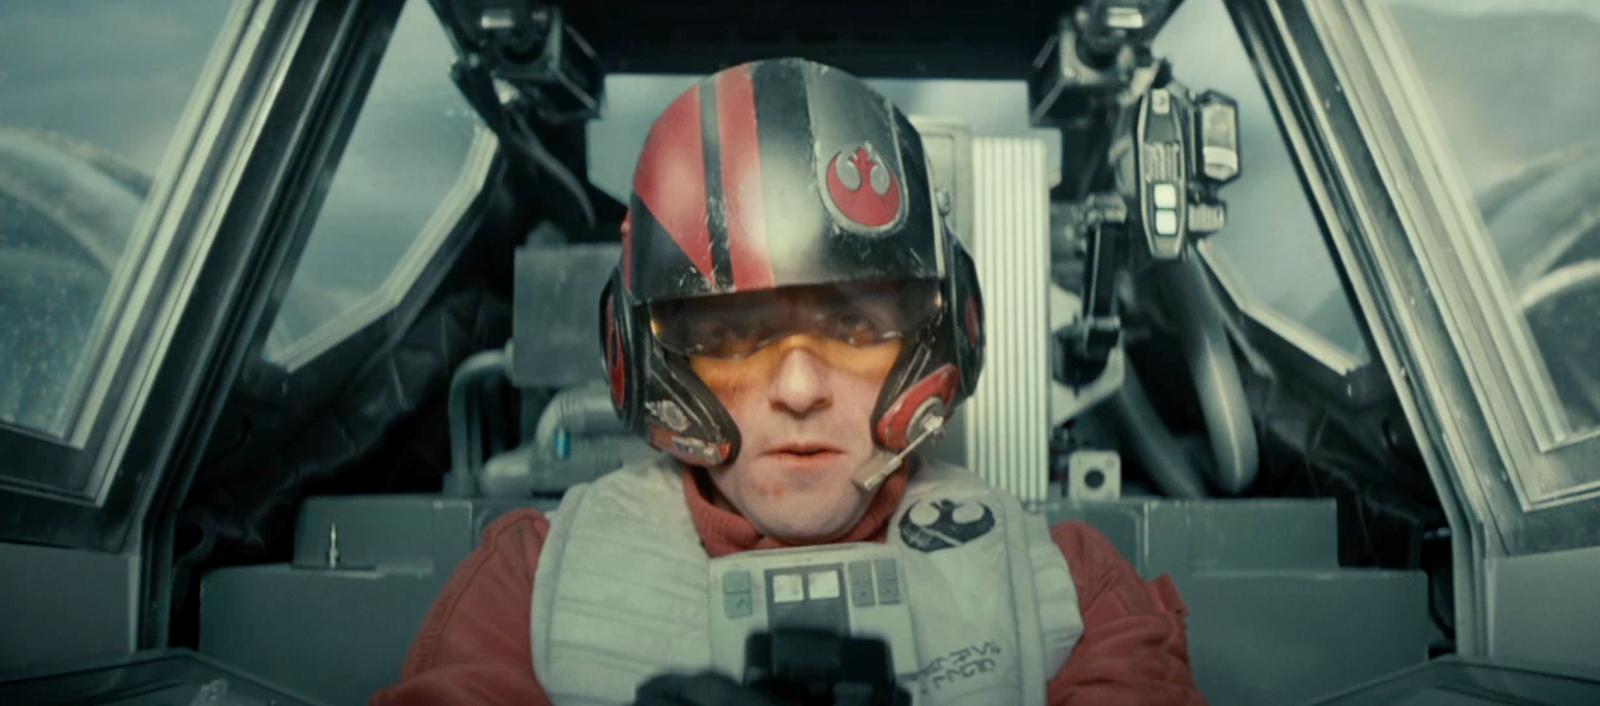 Veja o primeiro teaser trailer de Star Wars: Episódio VII - O Despertar da Força, de J.J. Abrams